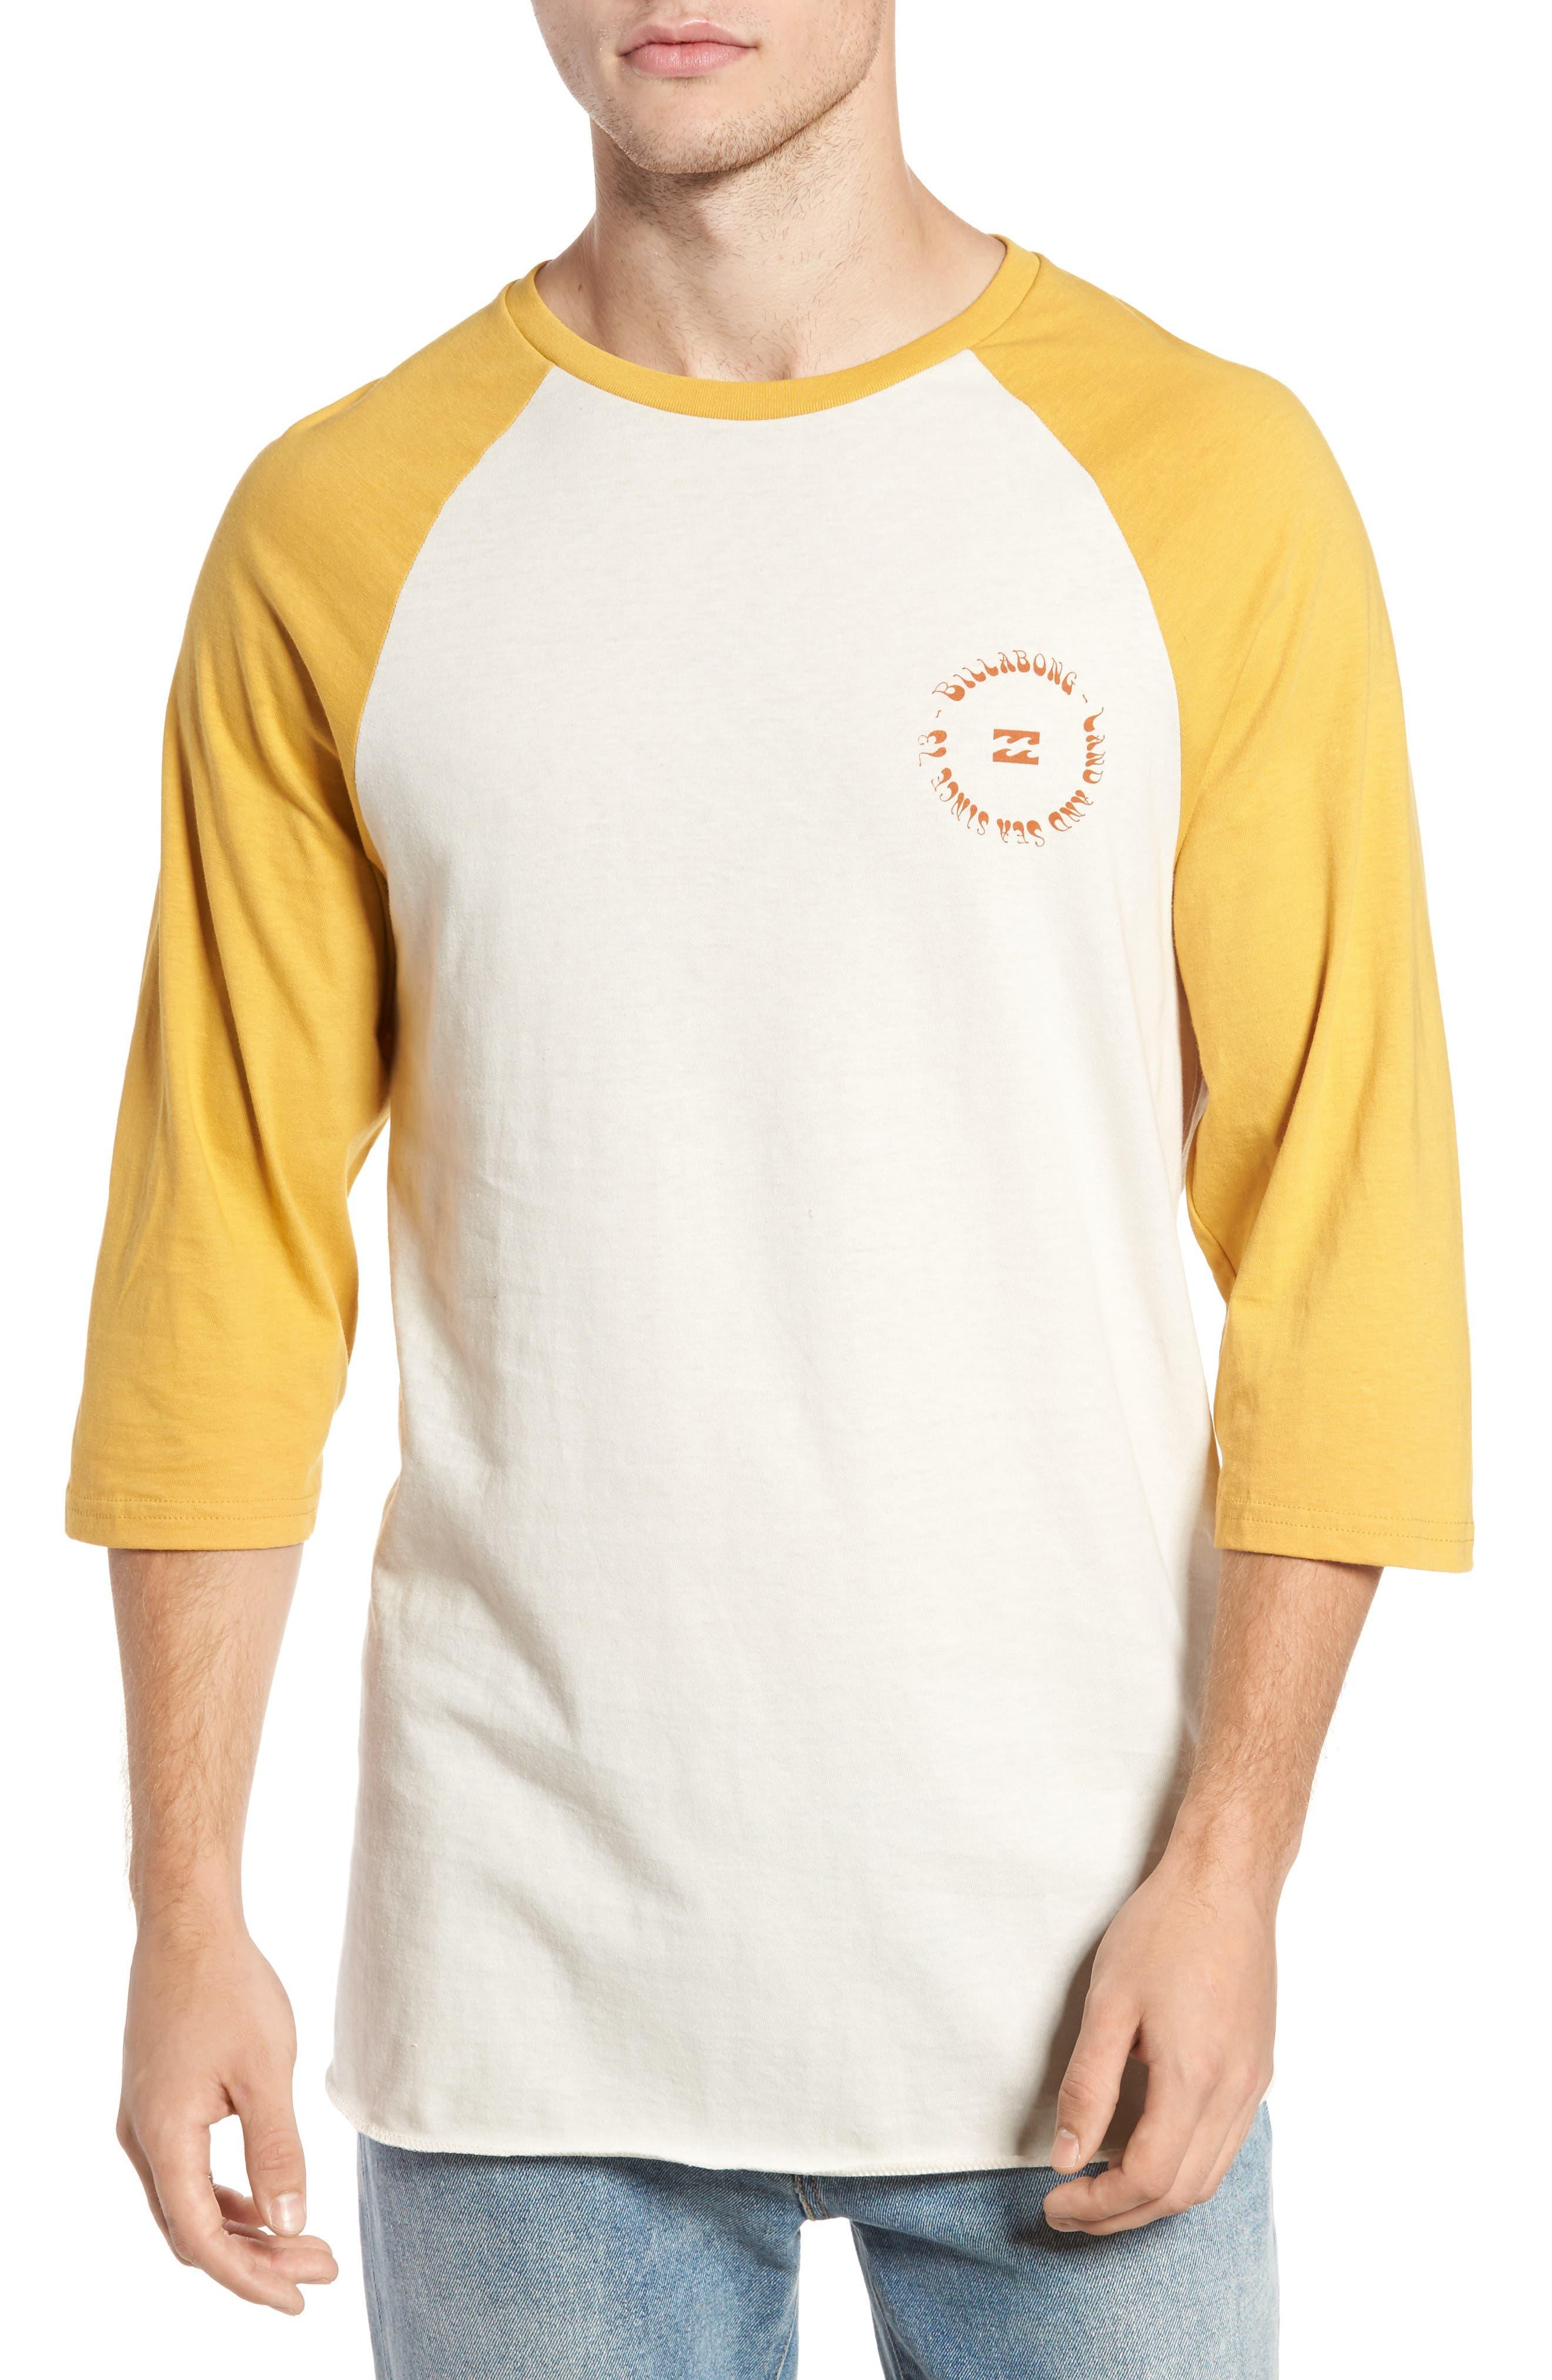 Main Image - Billabong Black Sol Graphic T-Shirt